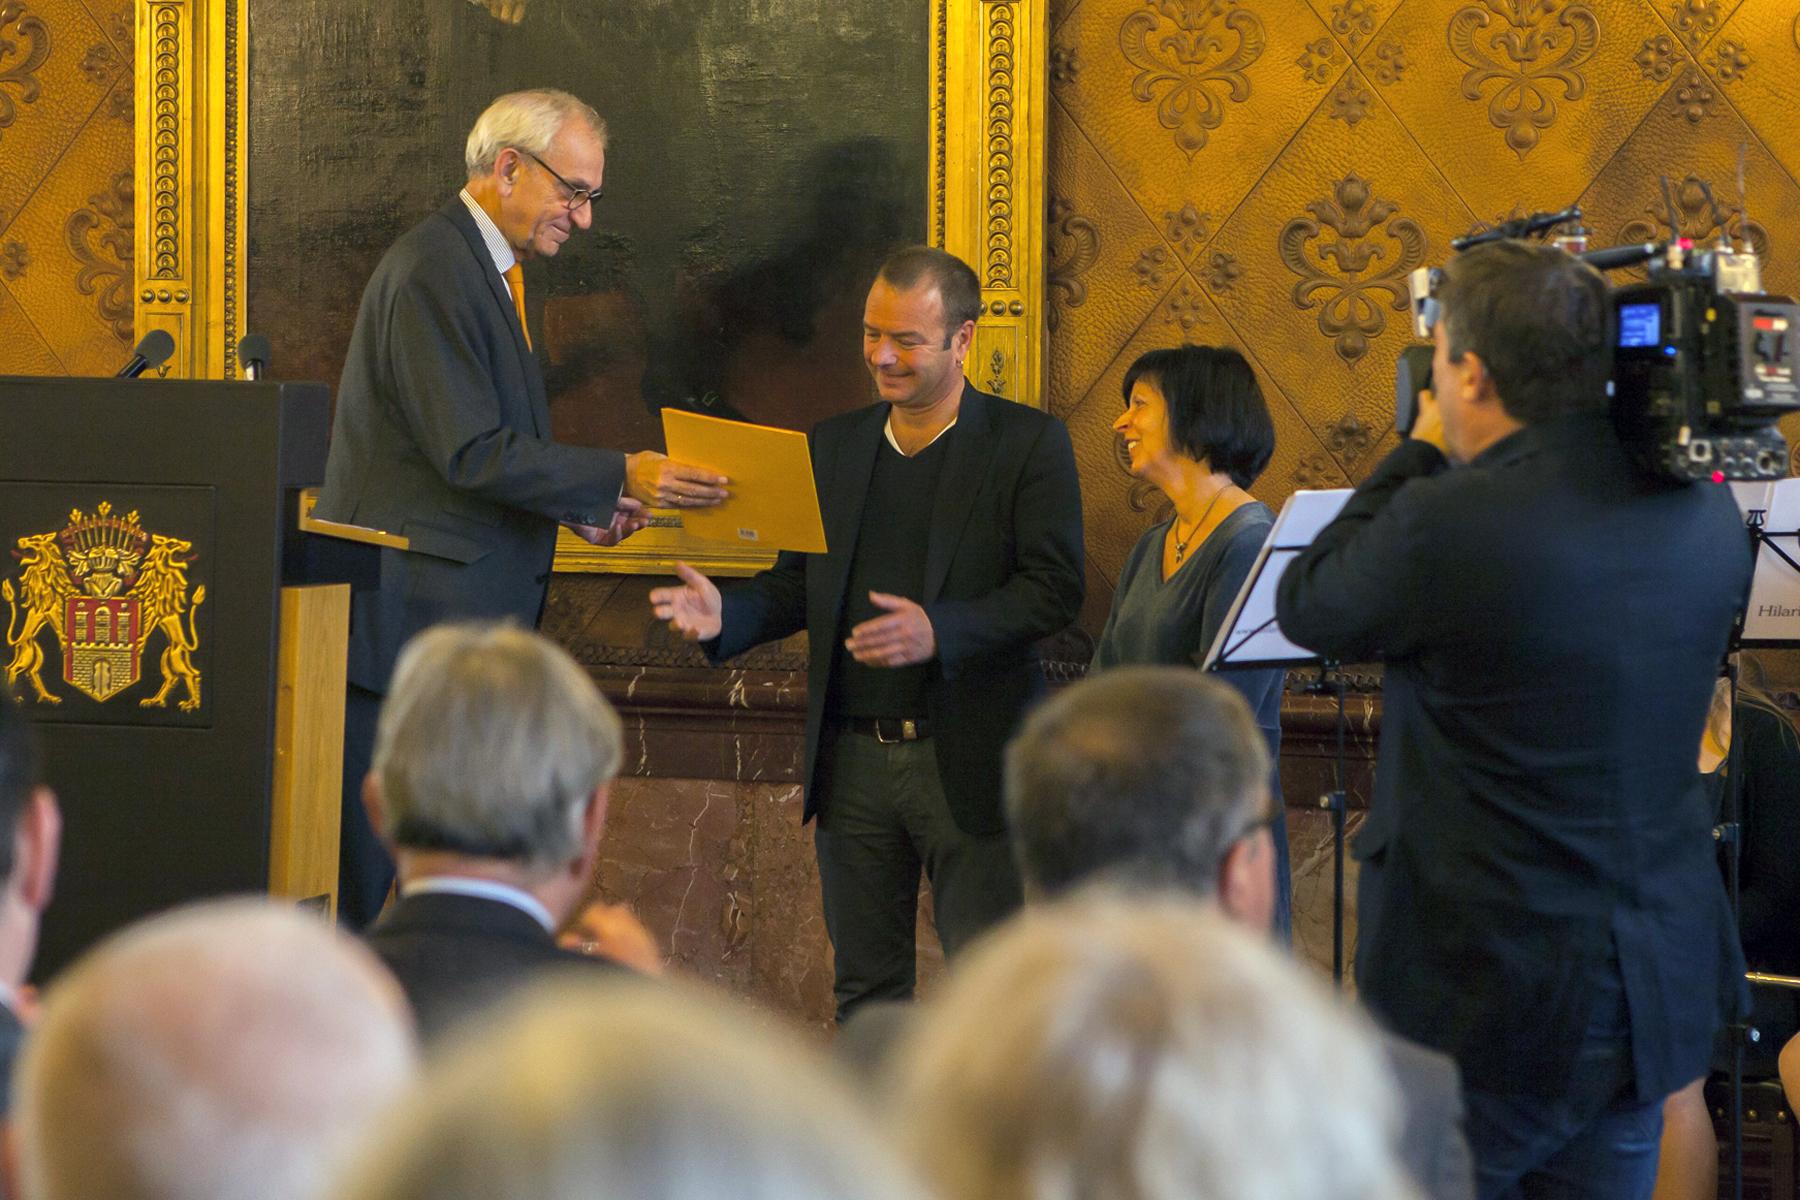 Hauptpastor em. Helge Adolphsen überreicht als Vorsitzender der Stiftungsjury den Yagmur-Erinnerungspreis 2016 an Petra Daszkowski und Jürgen Fiedler vom Arbeitskreis Dulsberg.